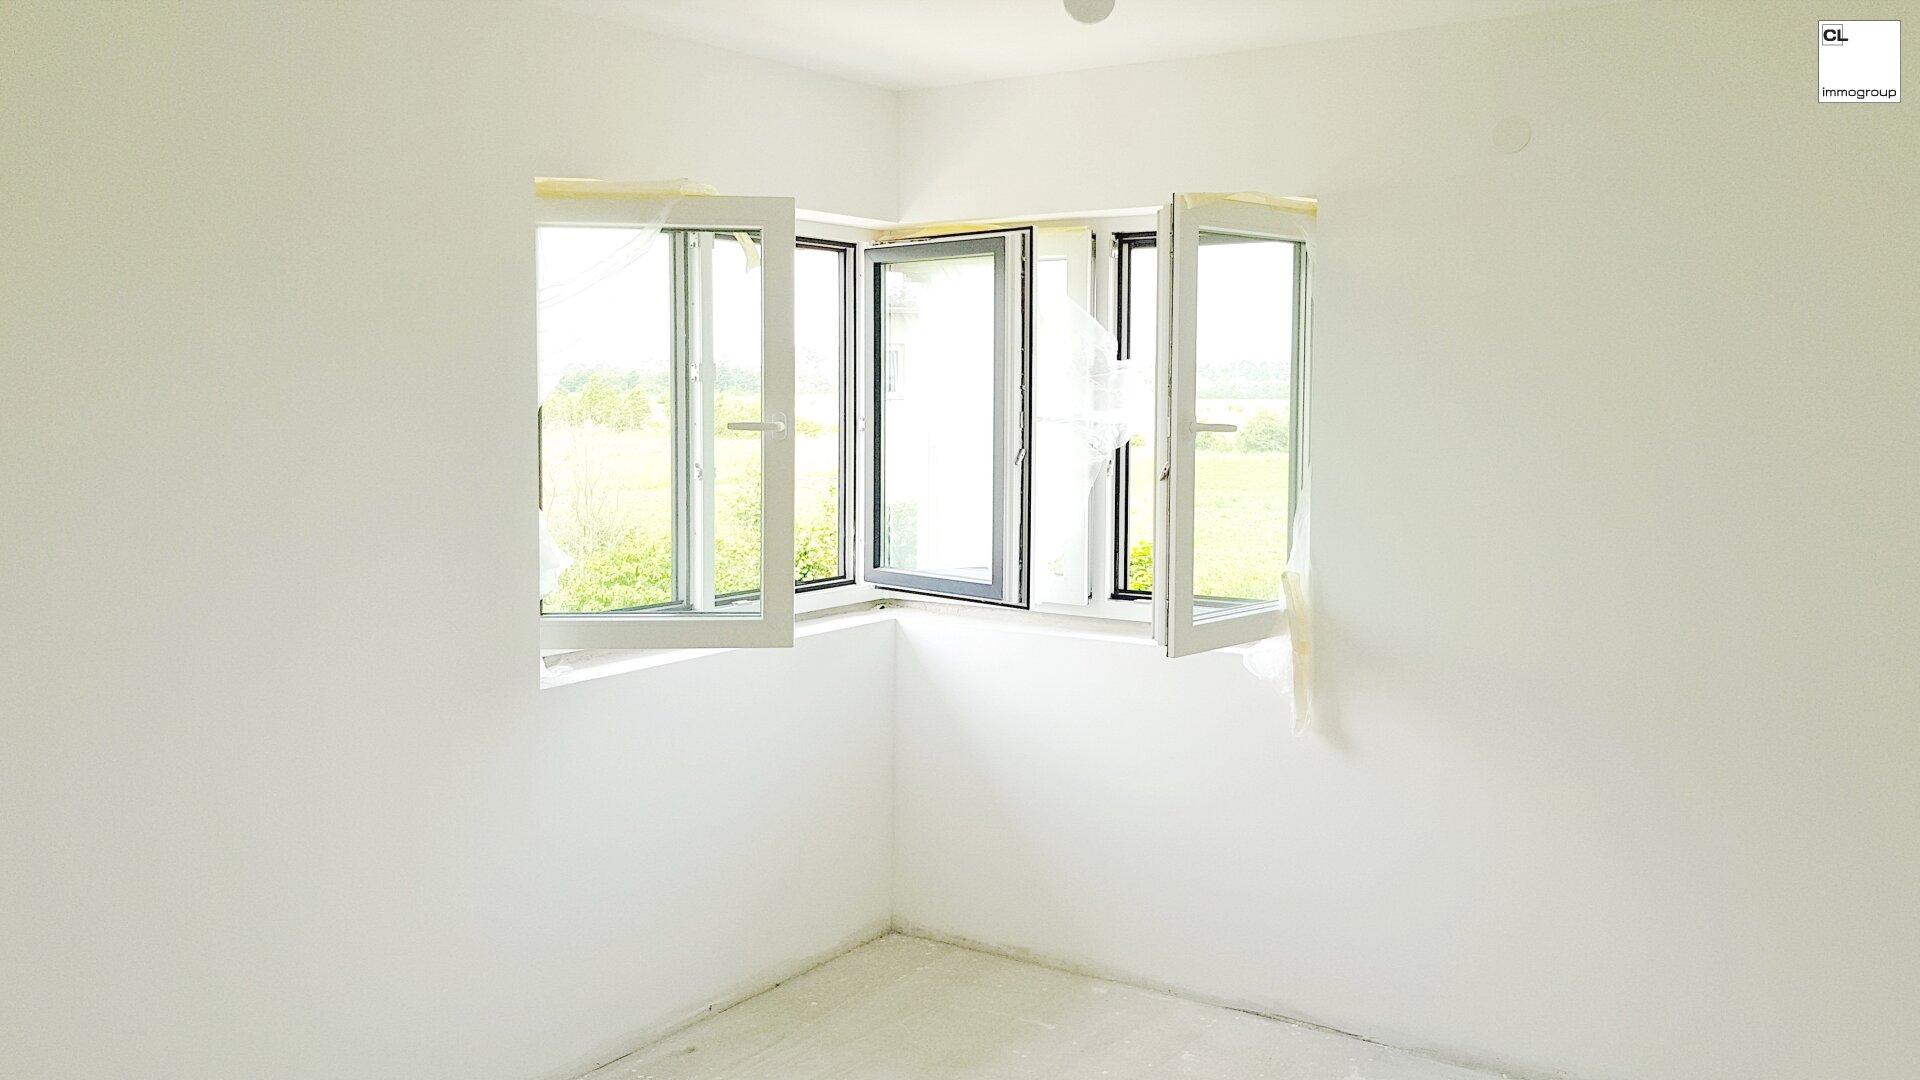 Eckfenster Innenansicht